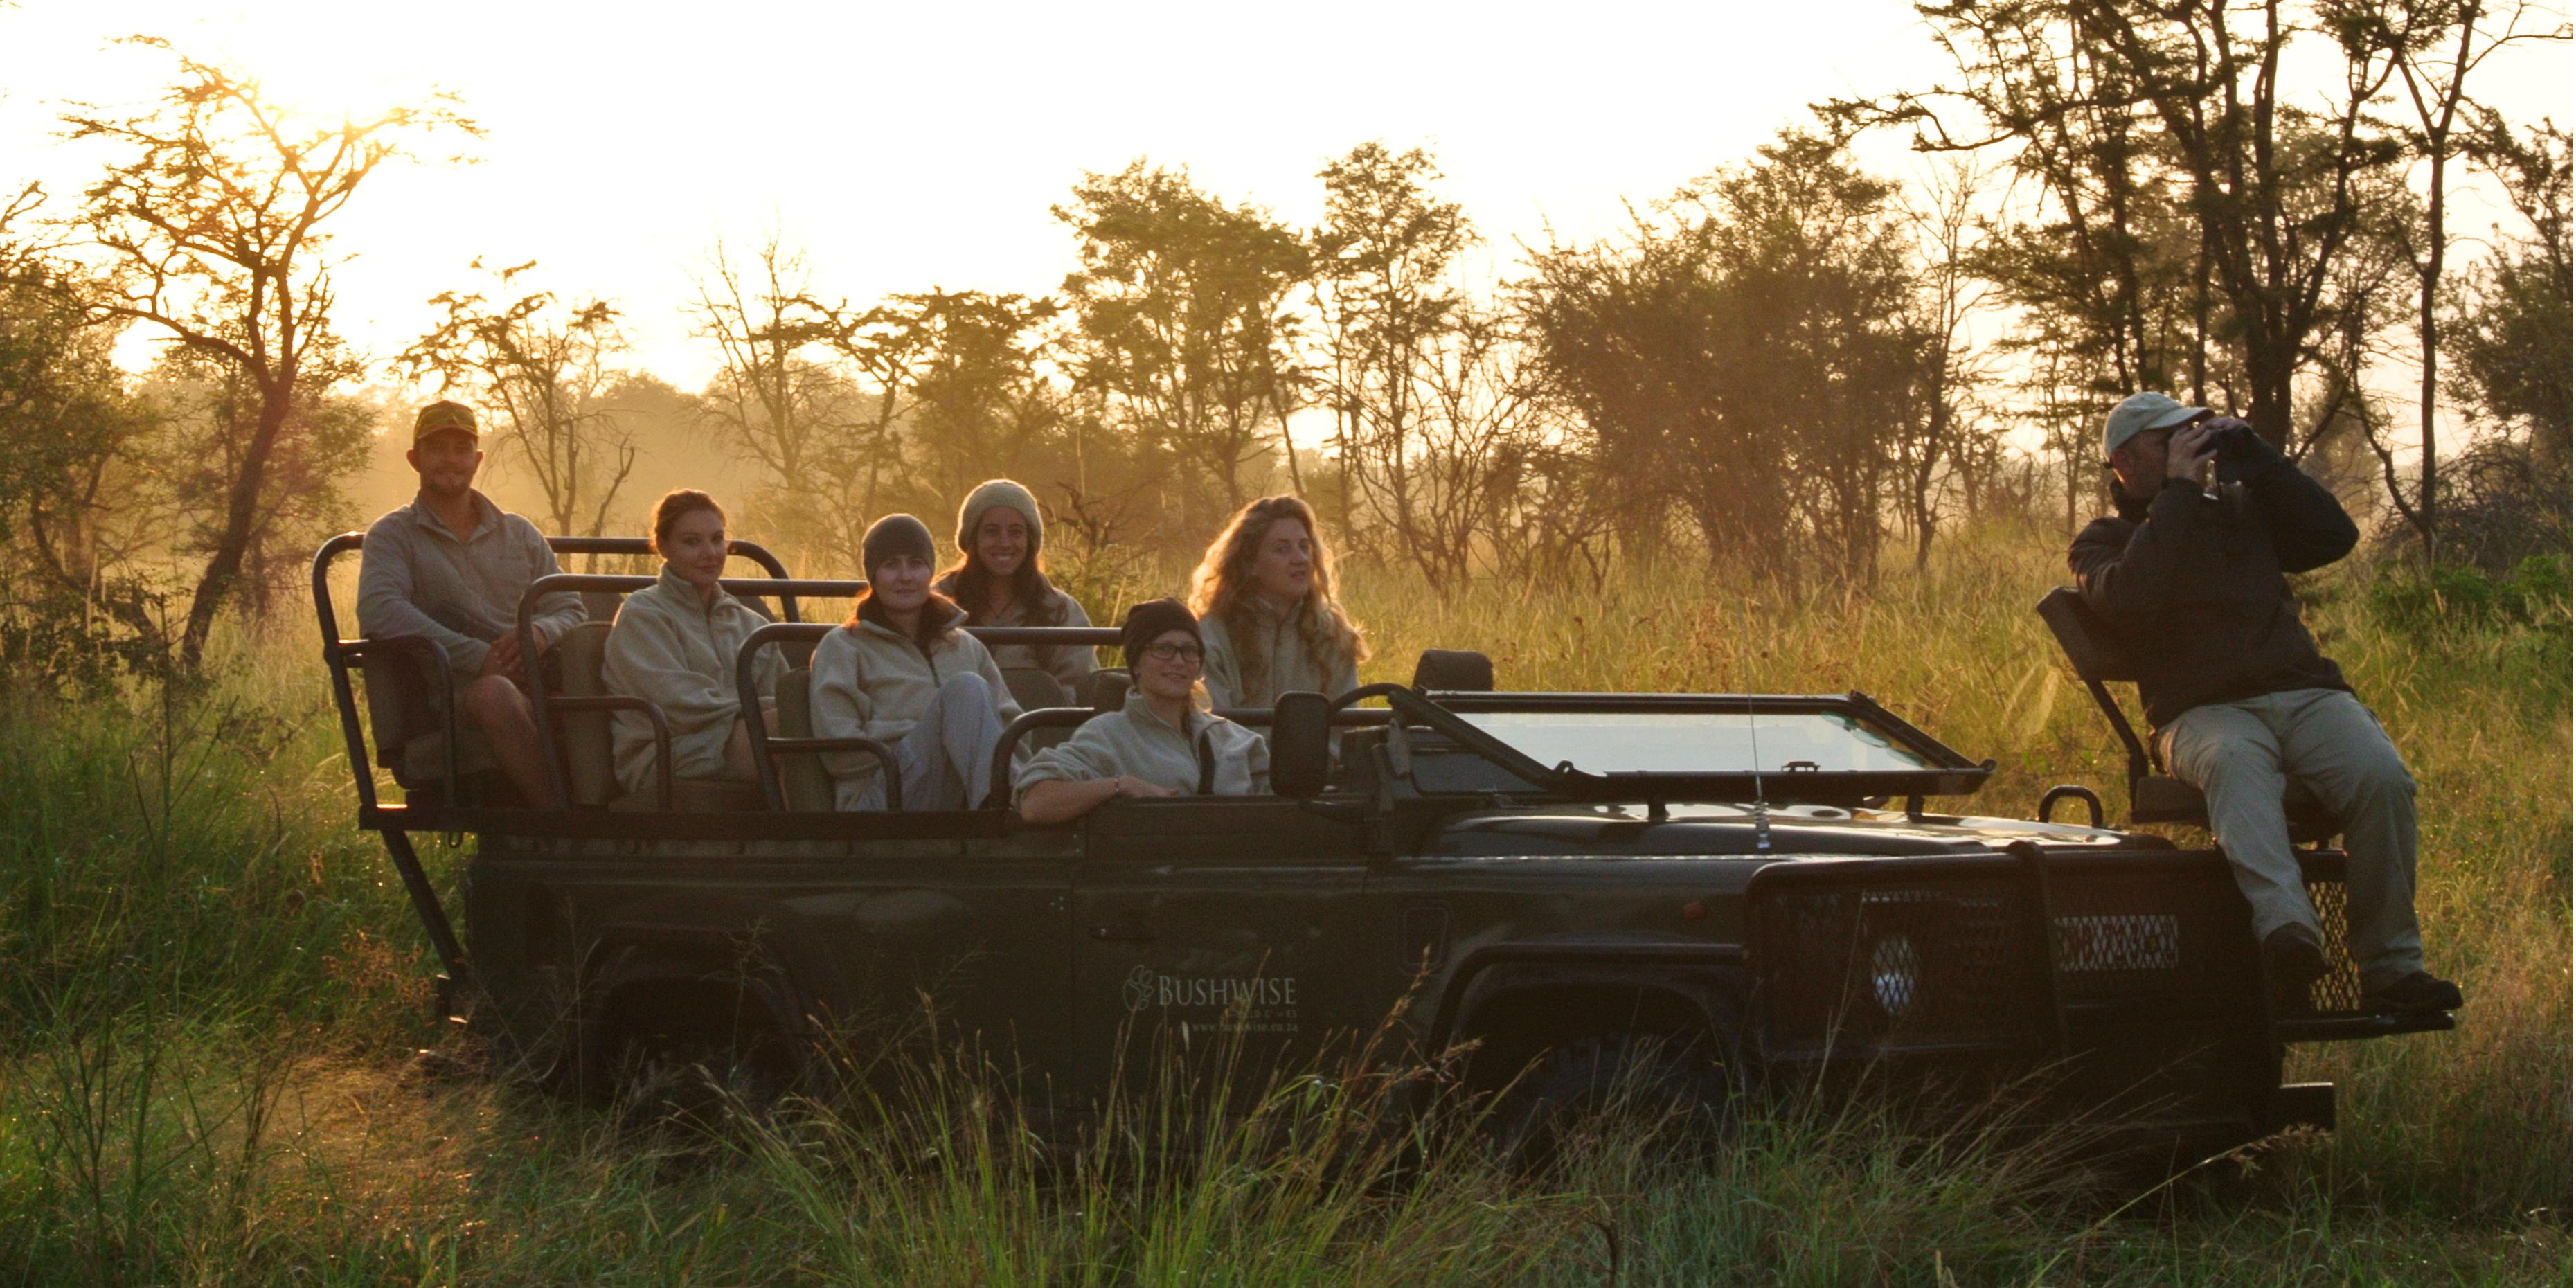 Wildlife conservation internship